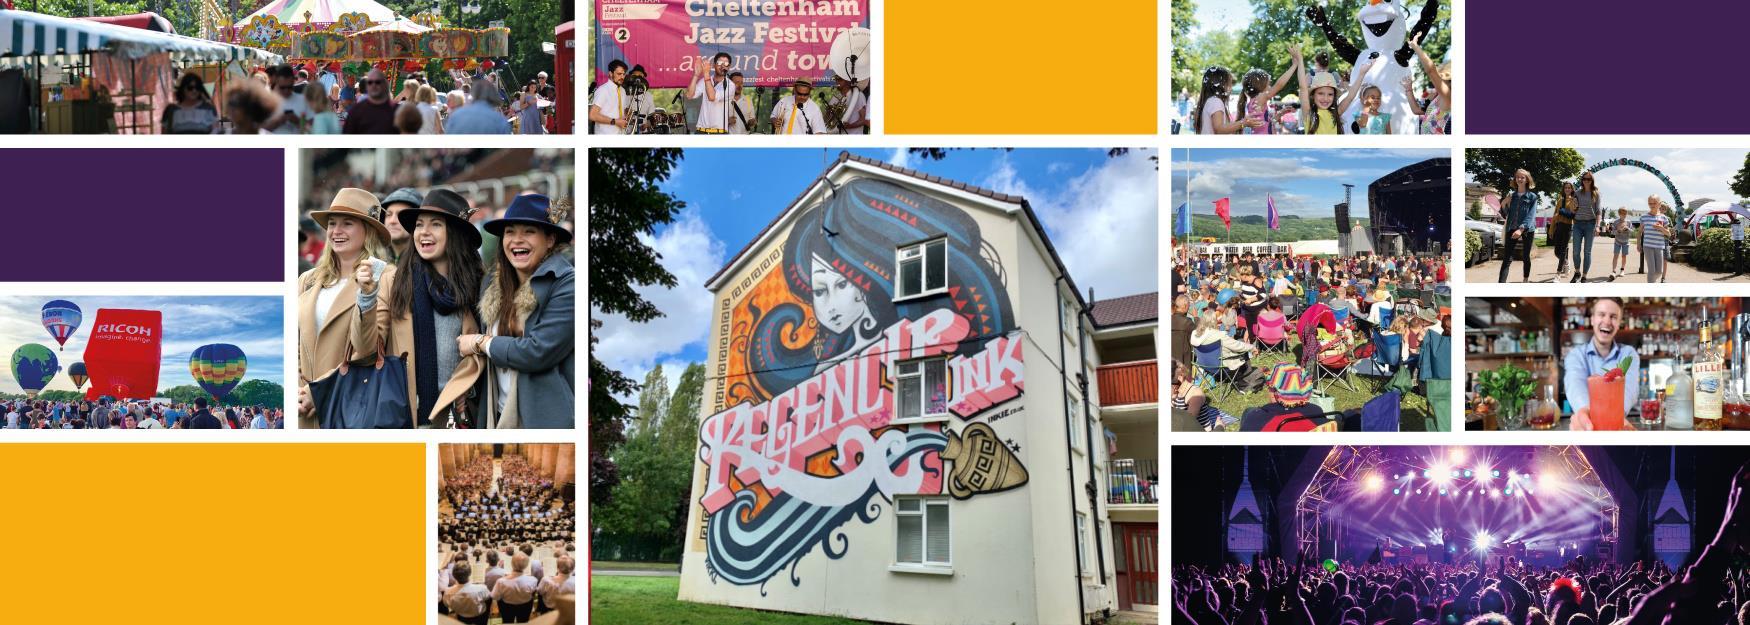 Cheltenham 2021 - Major events & festivals